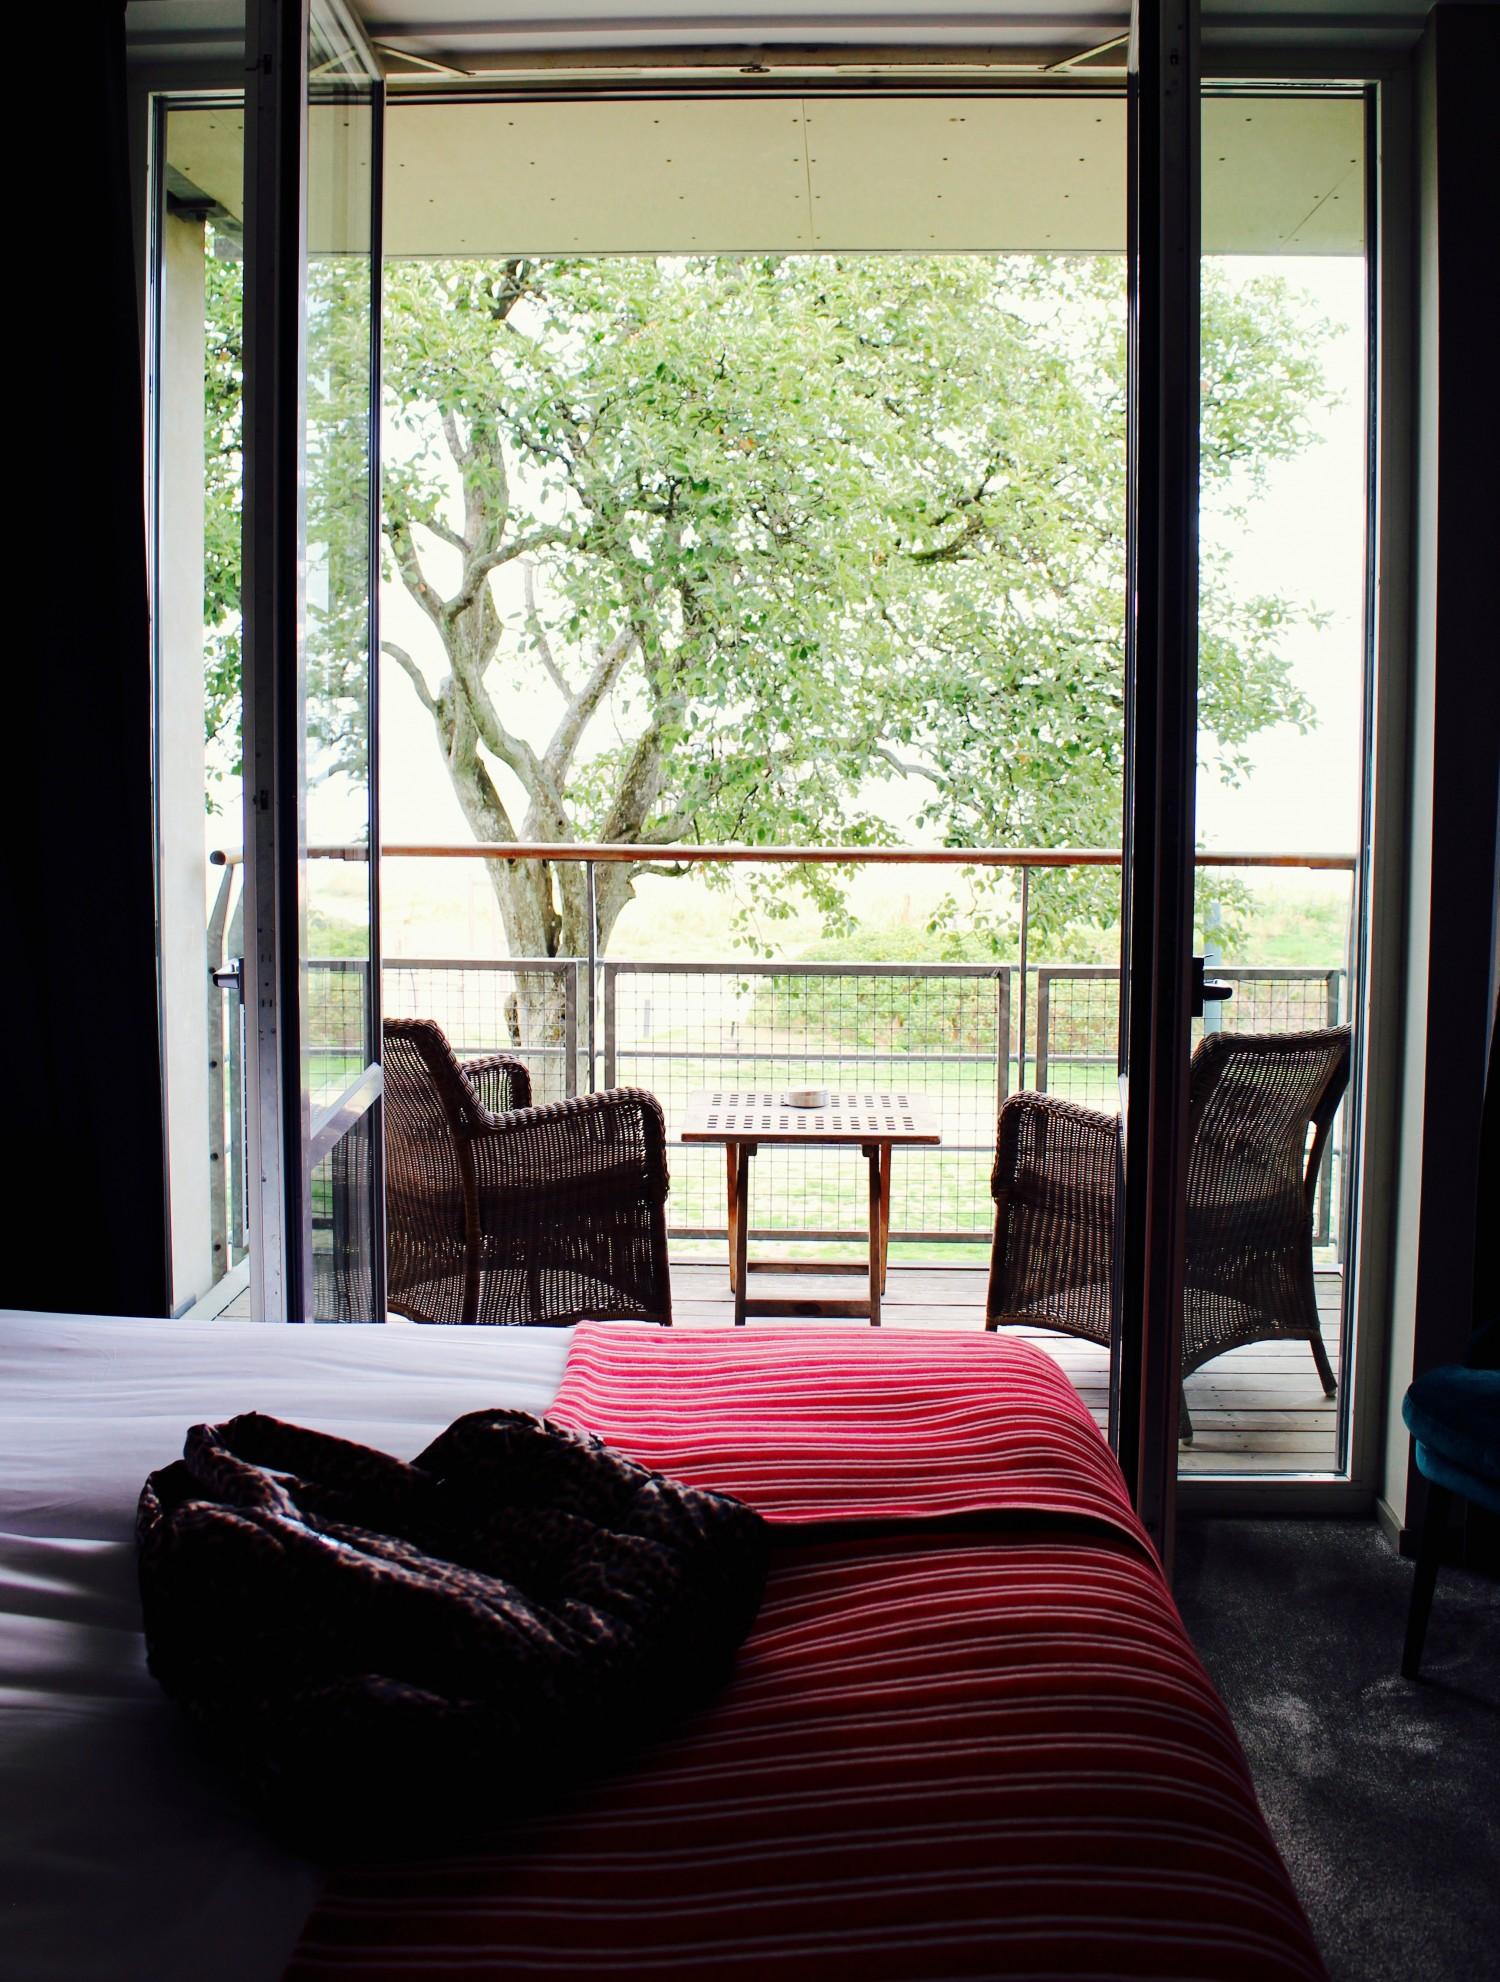 hotel-skansen-annemette-voss11